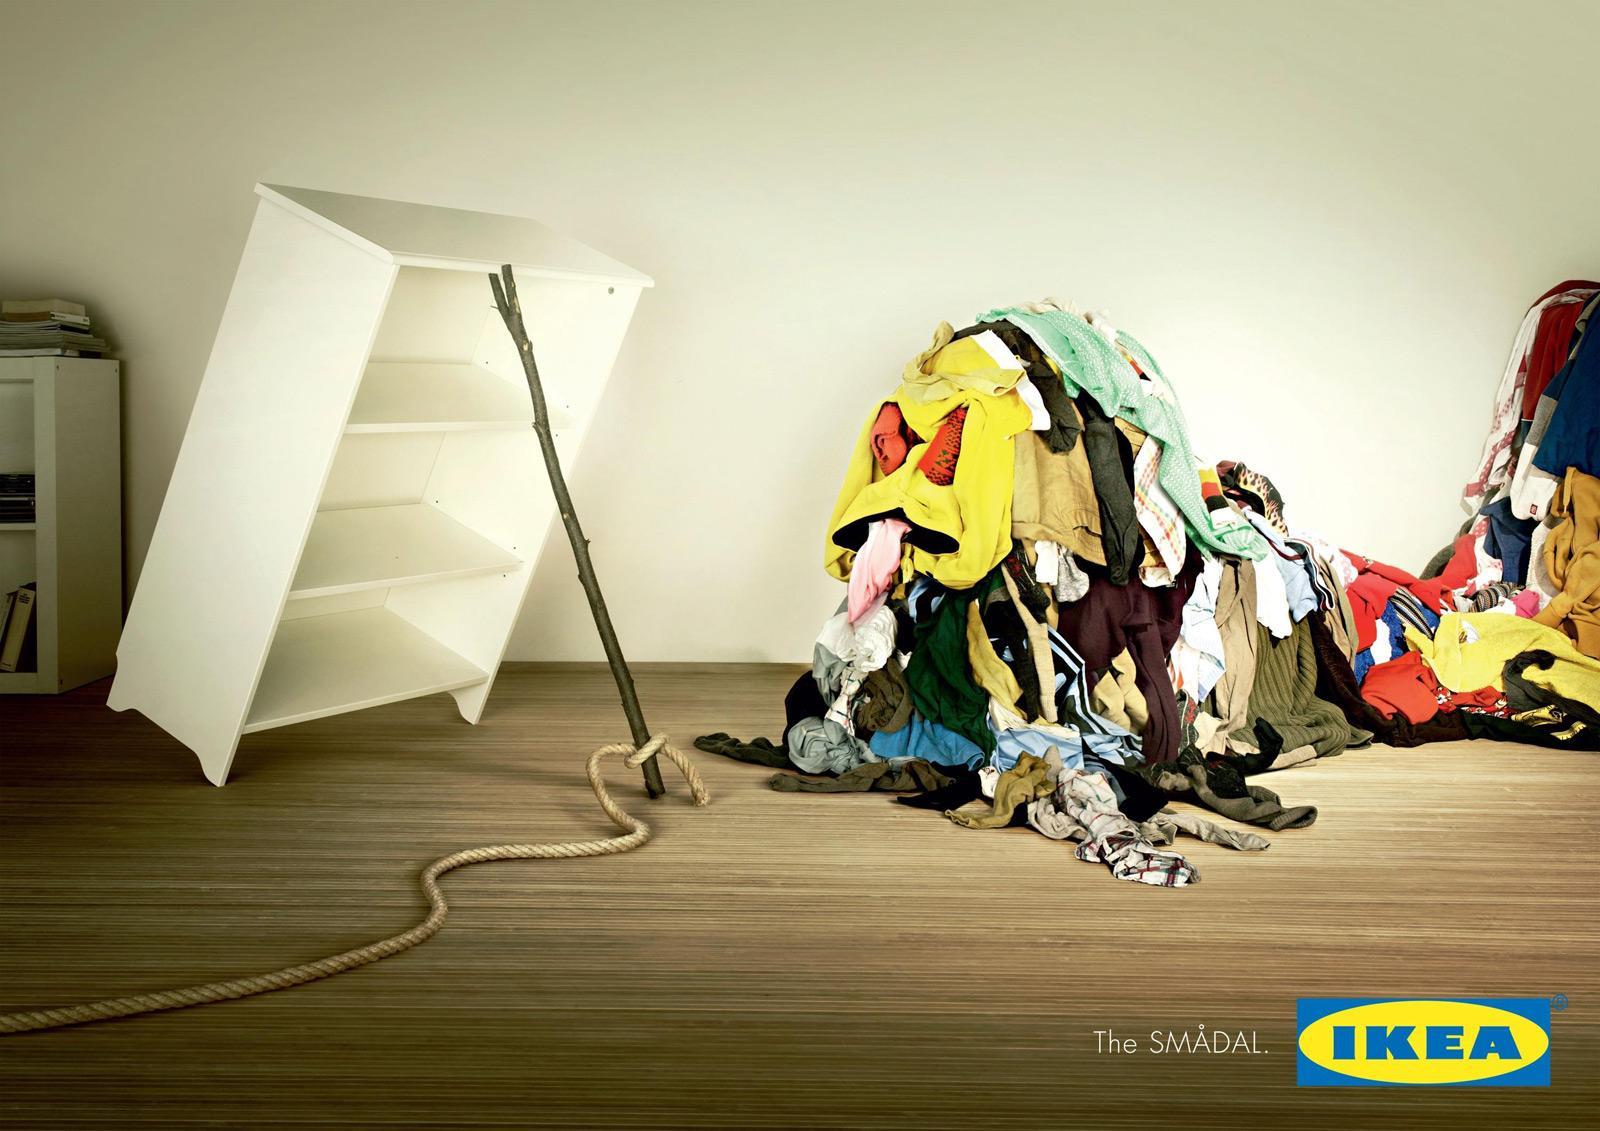 IKEA Outdoor Ad -  Clothesbeast